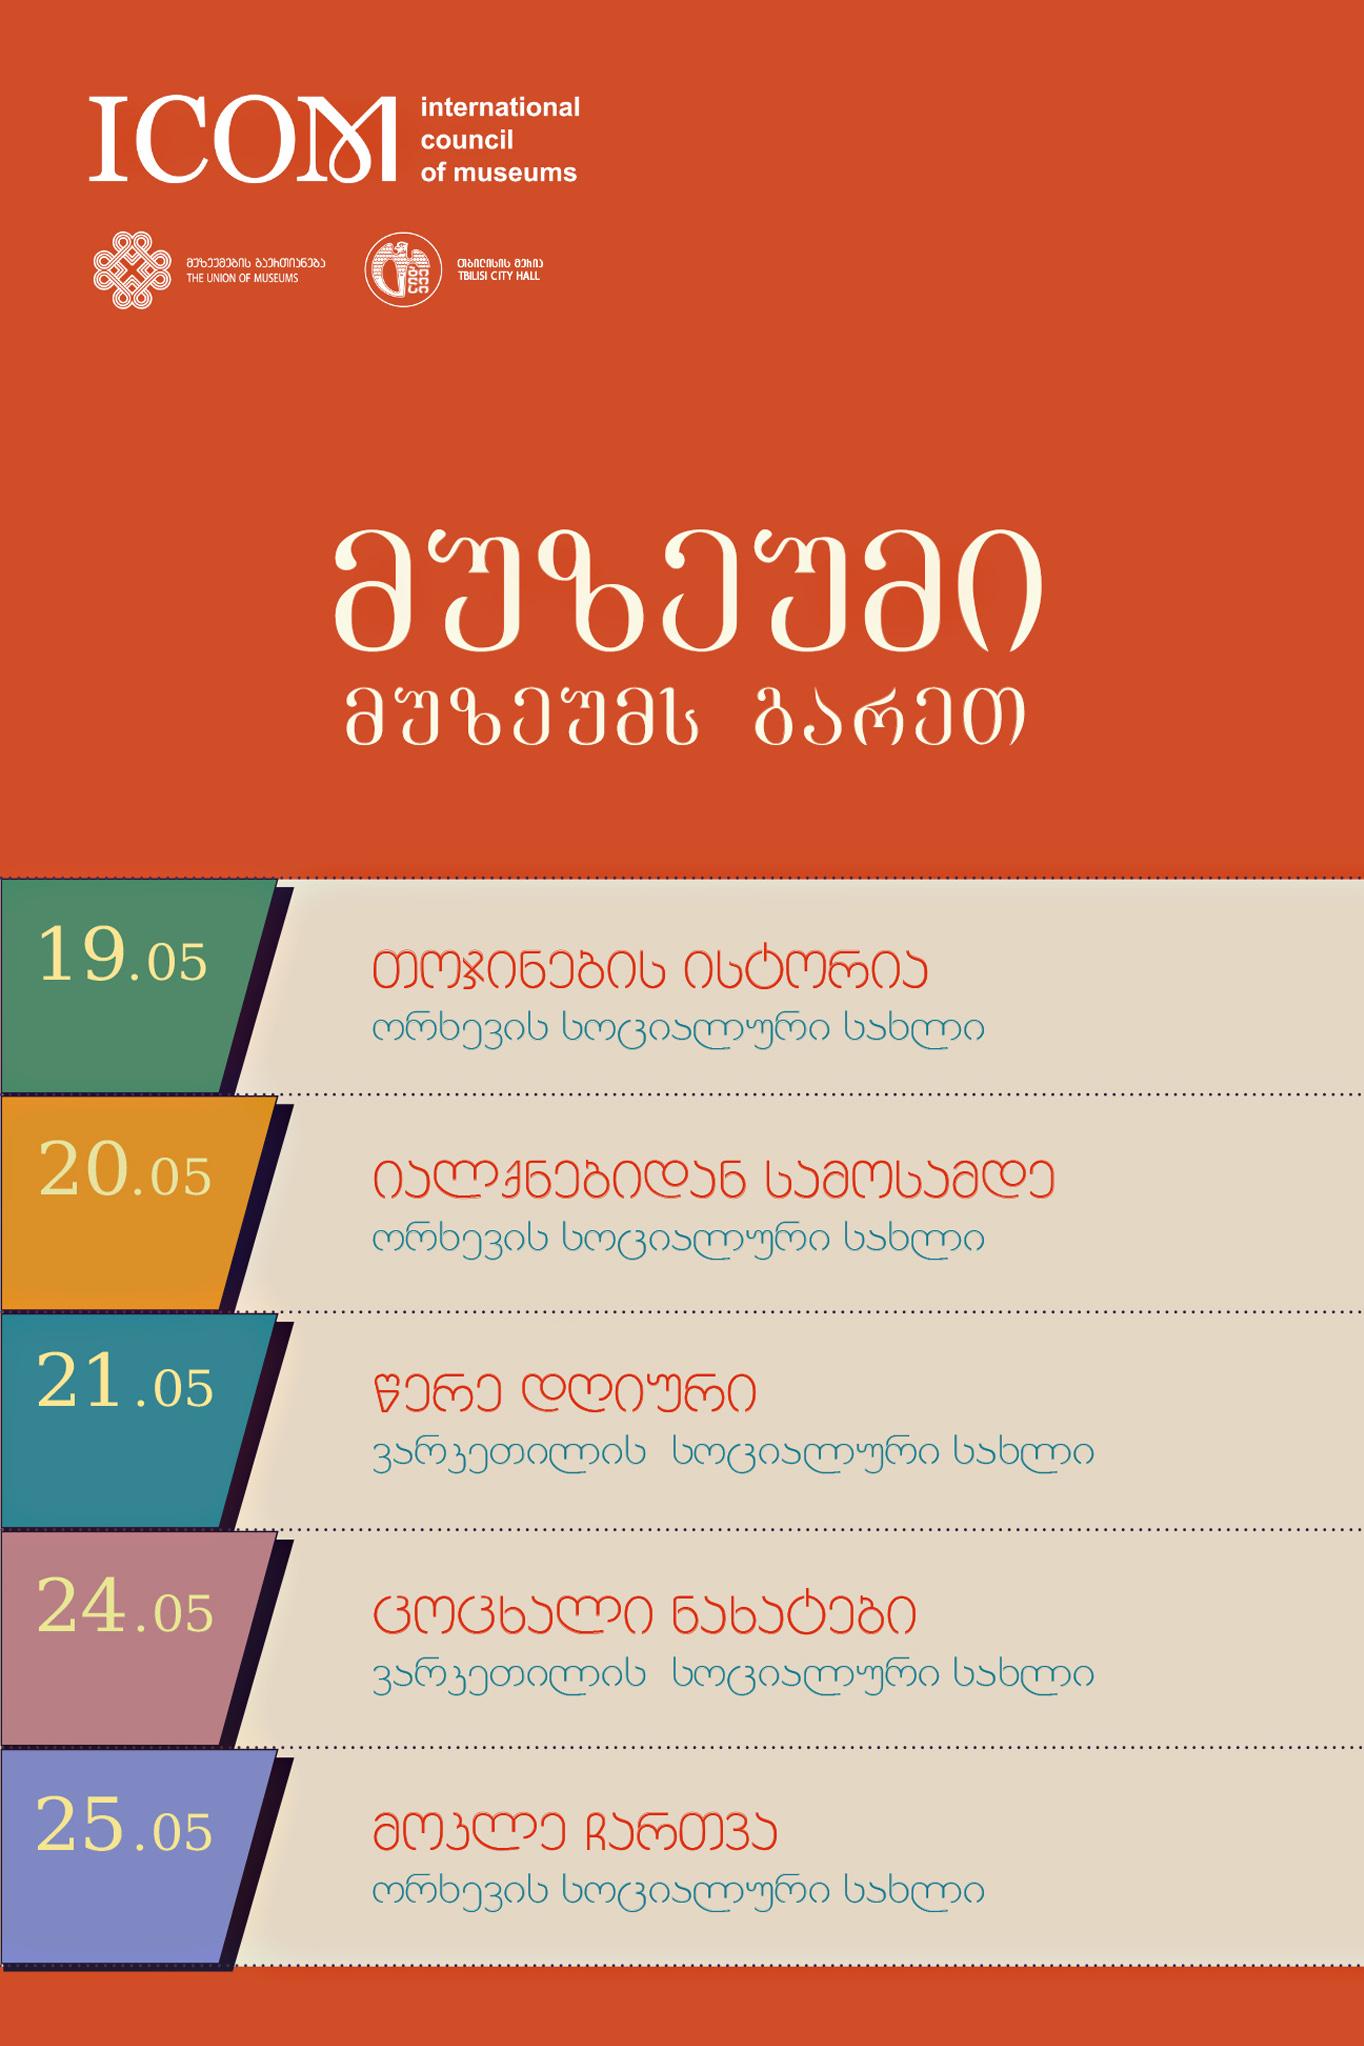 """01 18 25. 05. 2021 1 - IMD2021 მუზეუმების კვირეულის ფარგლებში პროექტი """"მუზეუმი მუზეუმს გარეთ"""""""